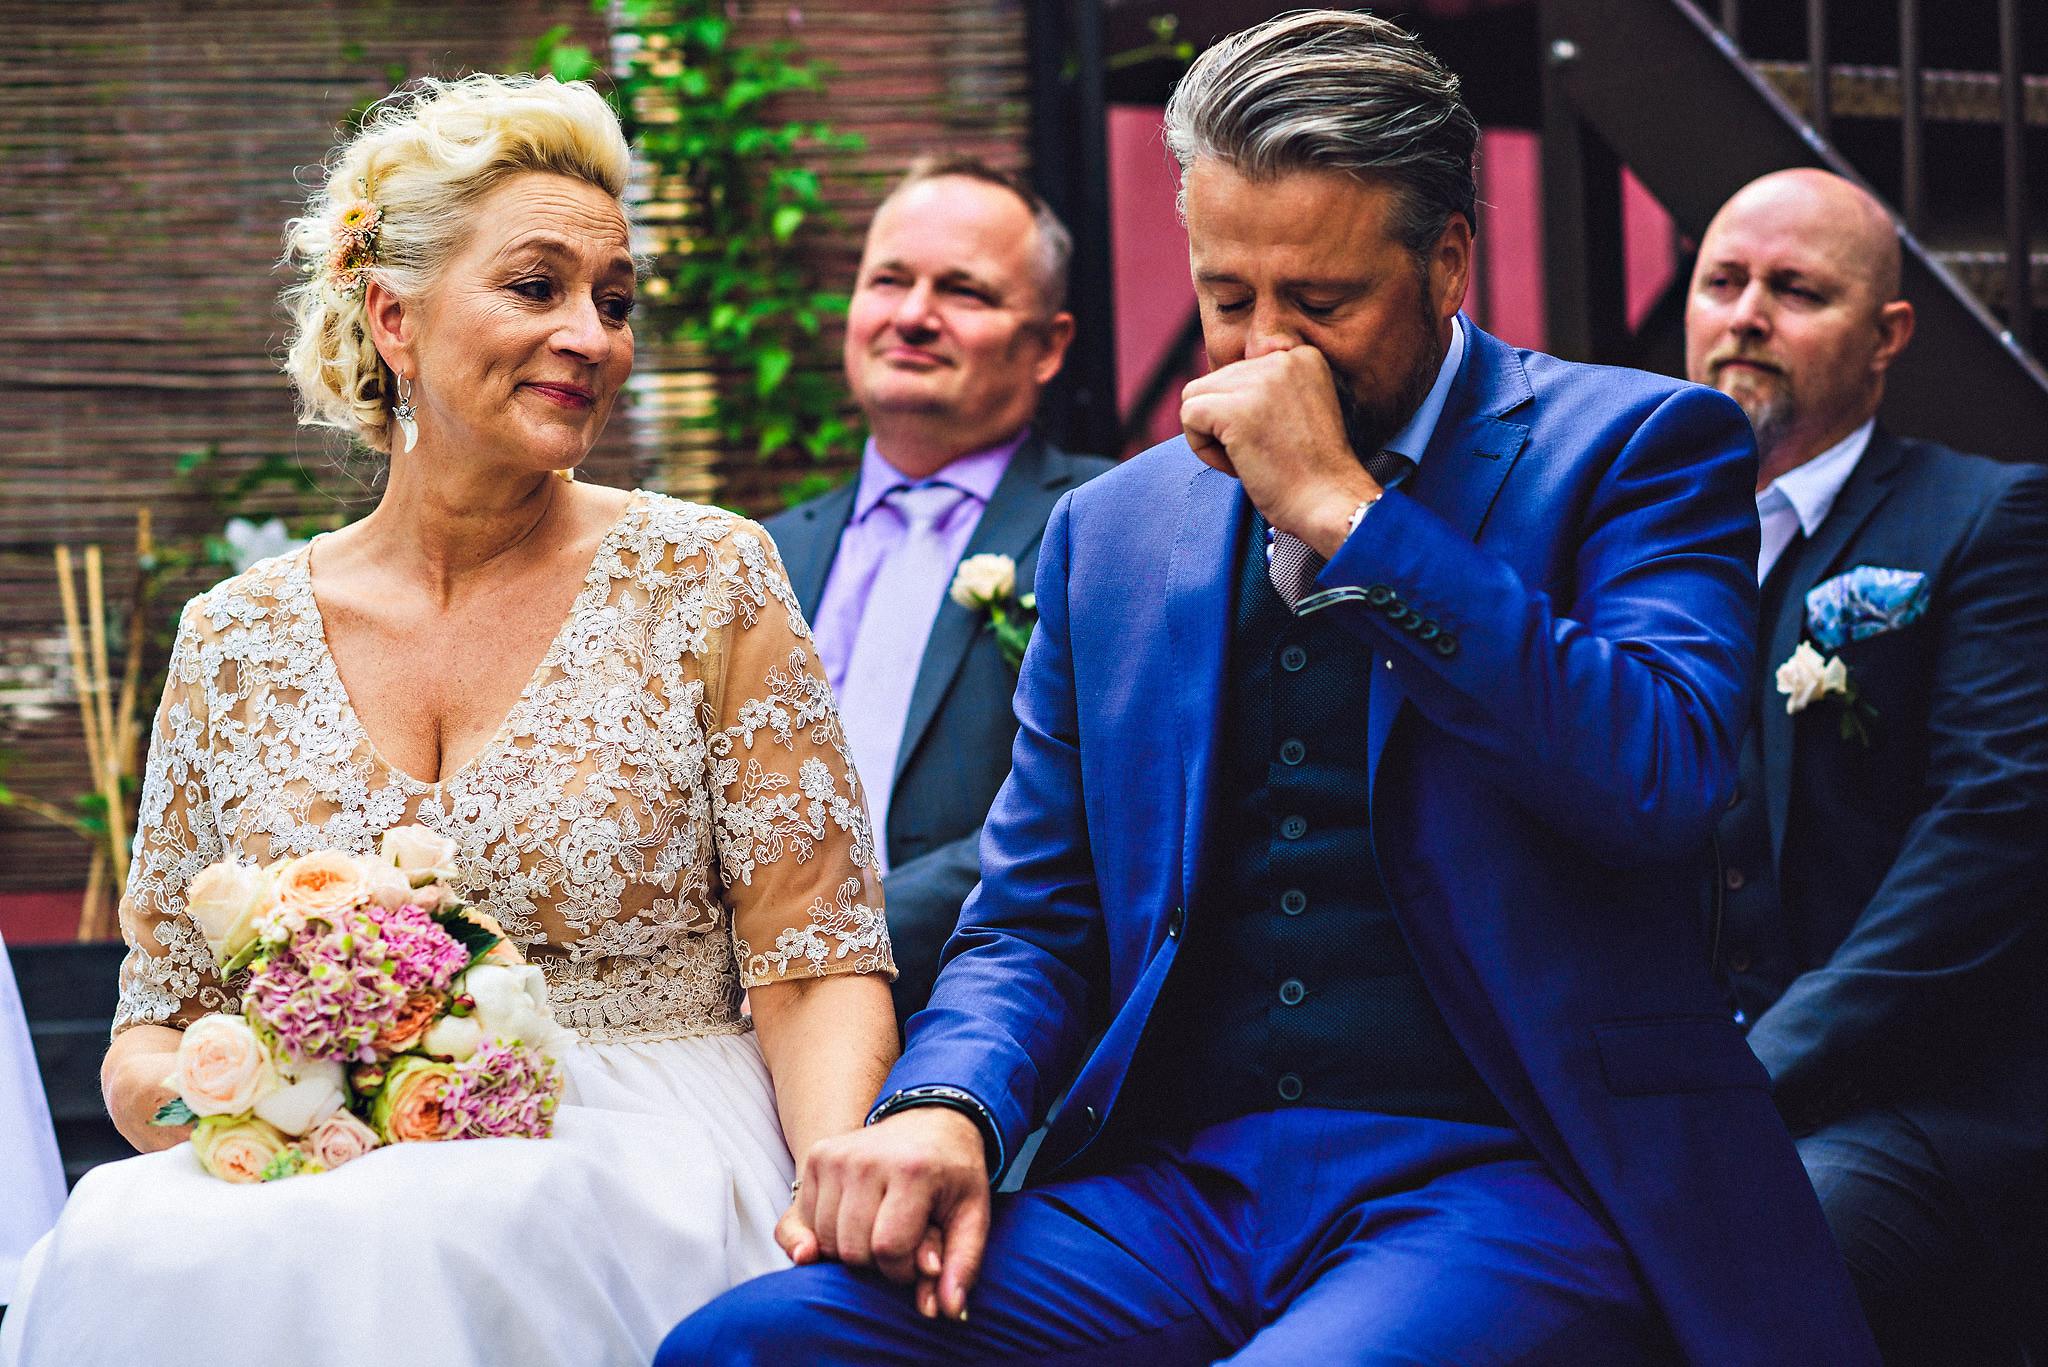 Eirik Halvorsen Tone og Sven bryllup blog-31.jpg